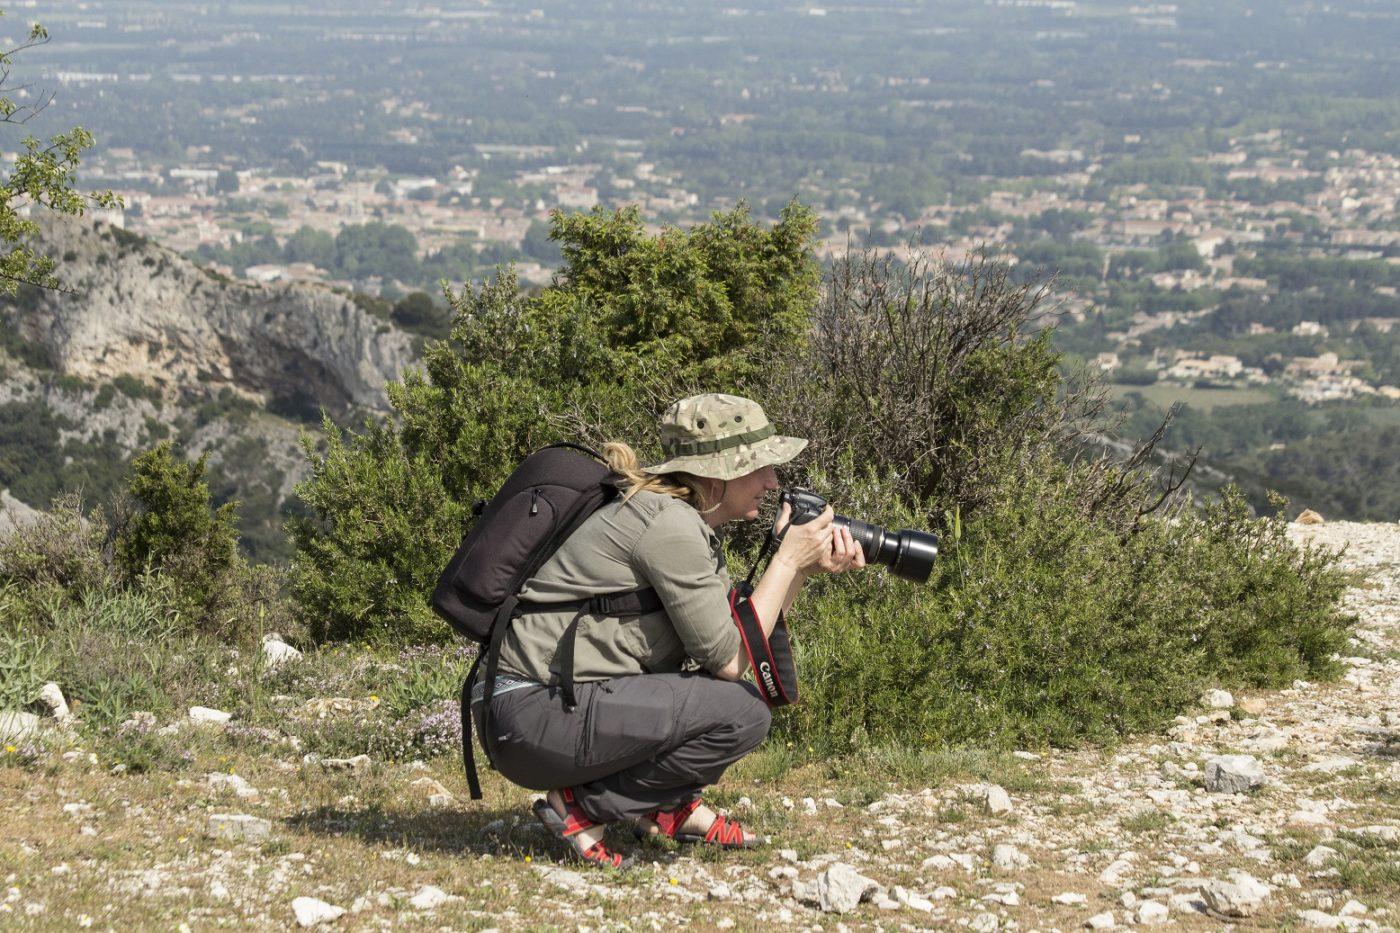 Annemieke Spoelman, Goldcrest nature tours